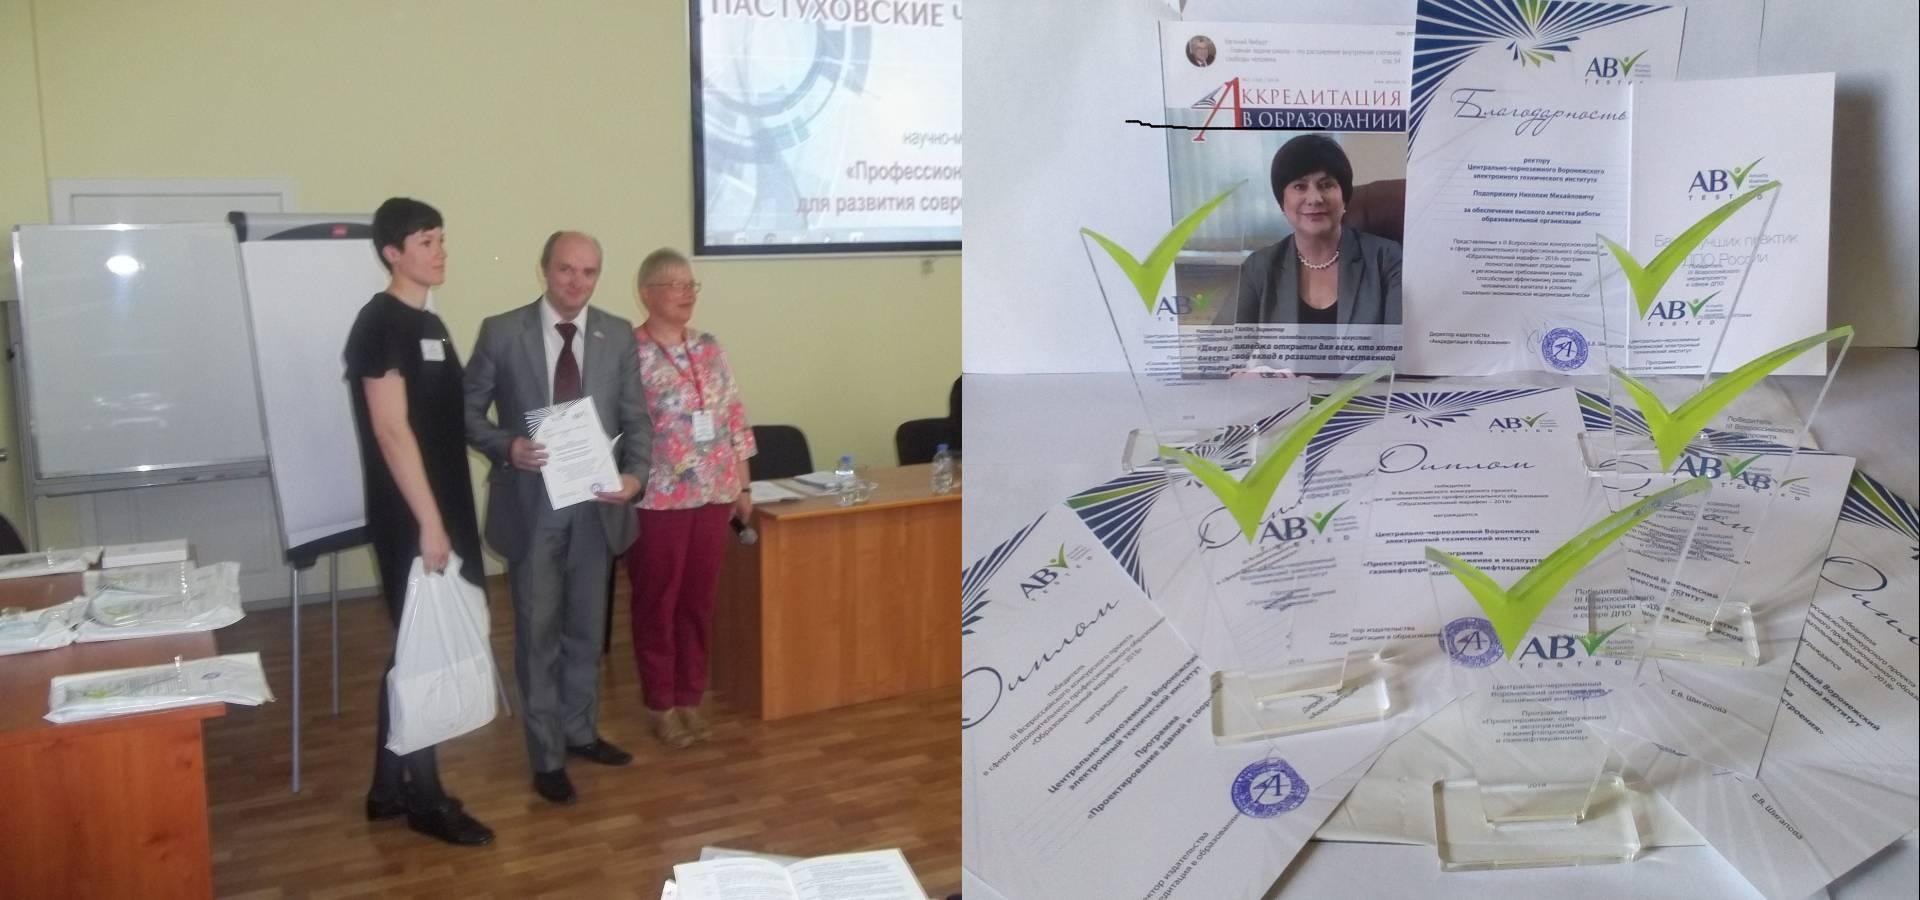 Воронежский электронный технический институт вошел в число победителей проекта «Образовательный марафон»